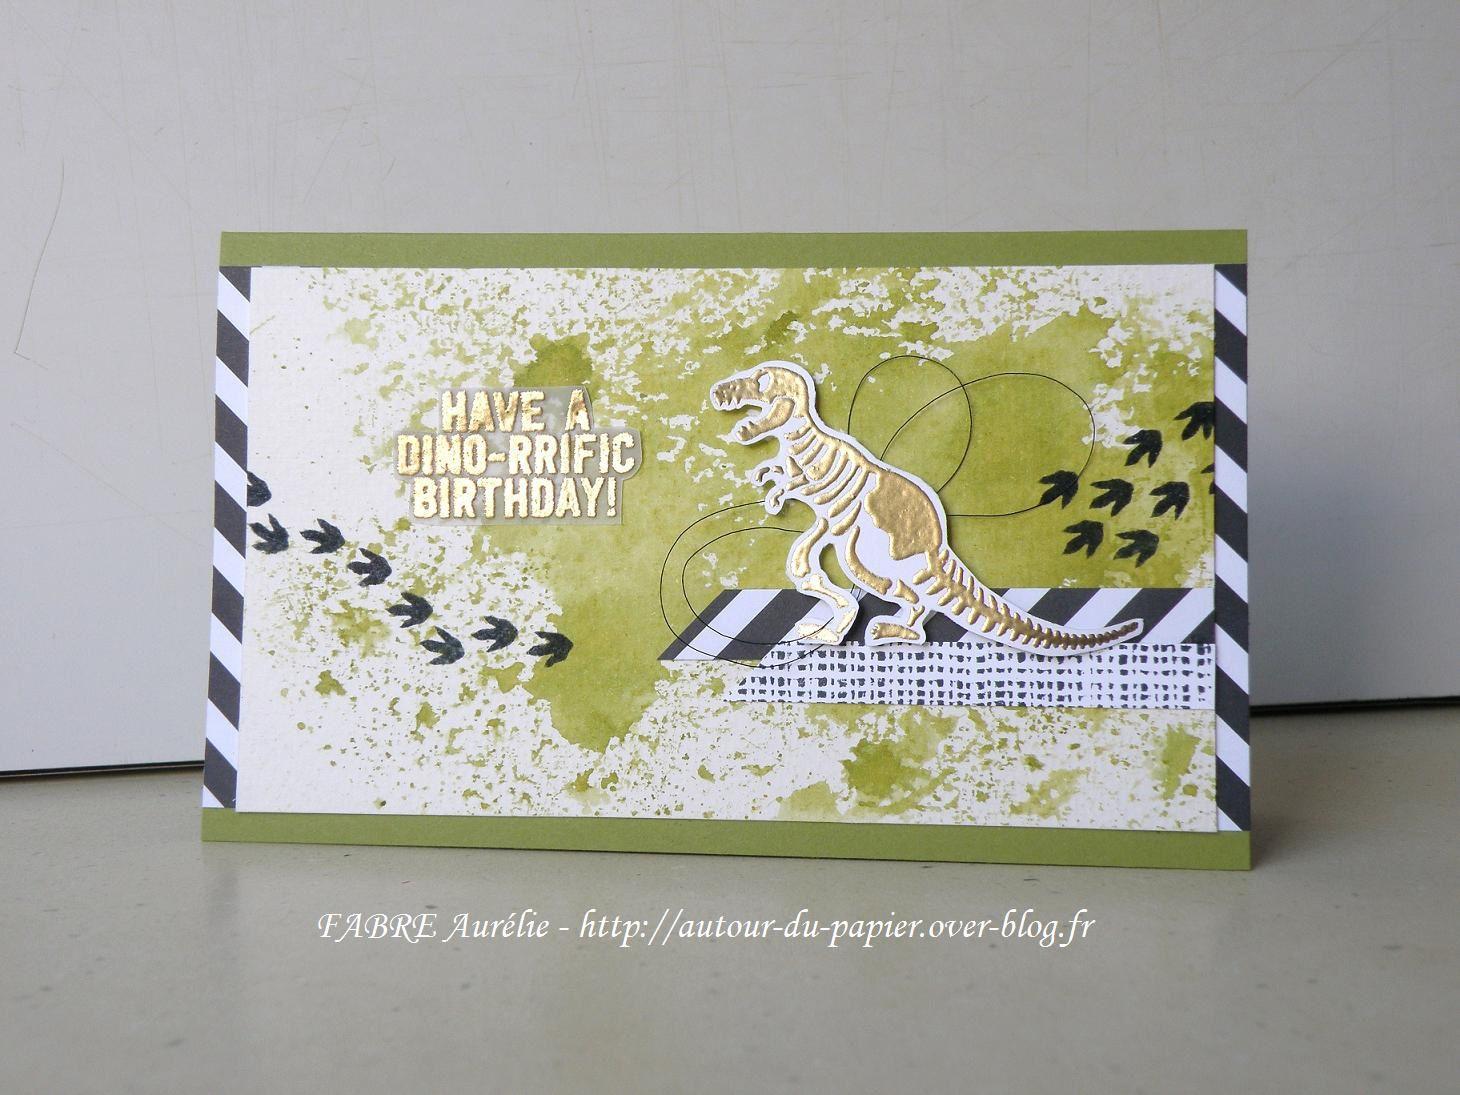 Papiers : Vert Olive, Aquarelle, Murmure Blanc, Pile de papier design Neutres, Vélin &#x3B; Encres &#x3B; Mémento Noire, Vert Olive, Versamark &#x3B; Set : Awesomely Artistic, No Bones about It &#x3B; Accessoires : Fil métallique Noir, Poudre à embosser Or